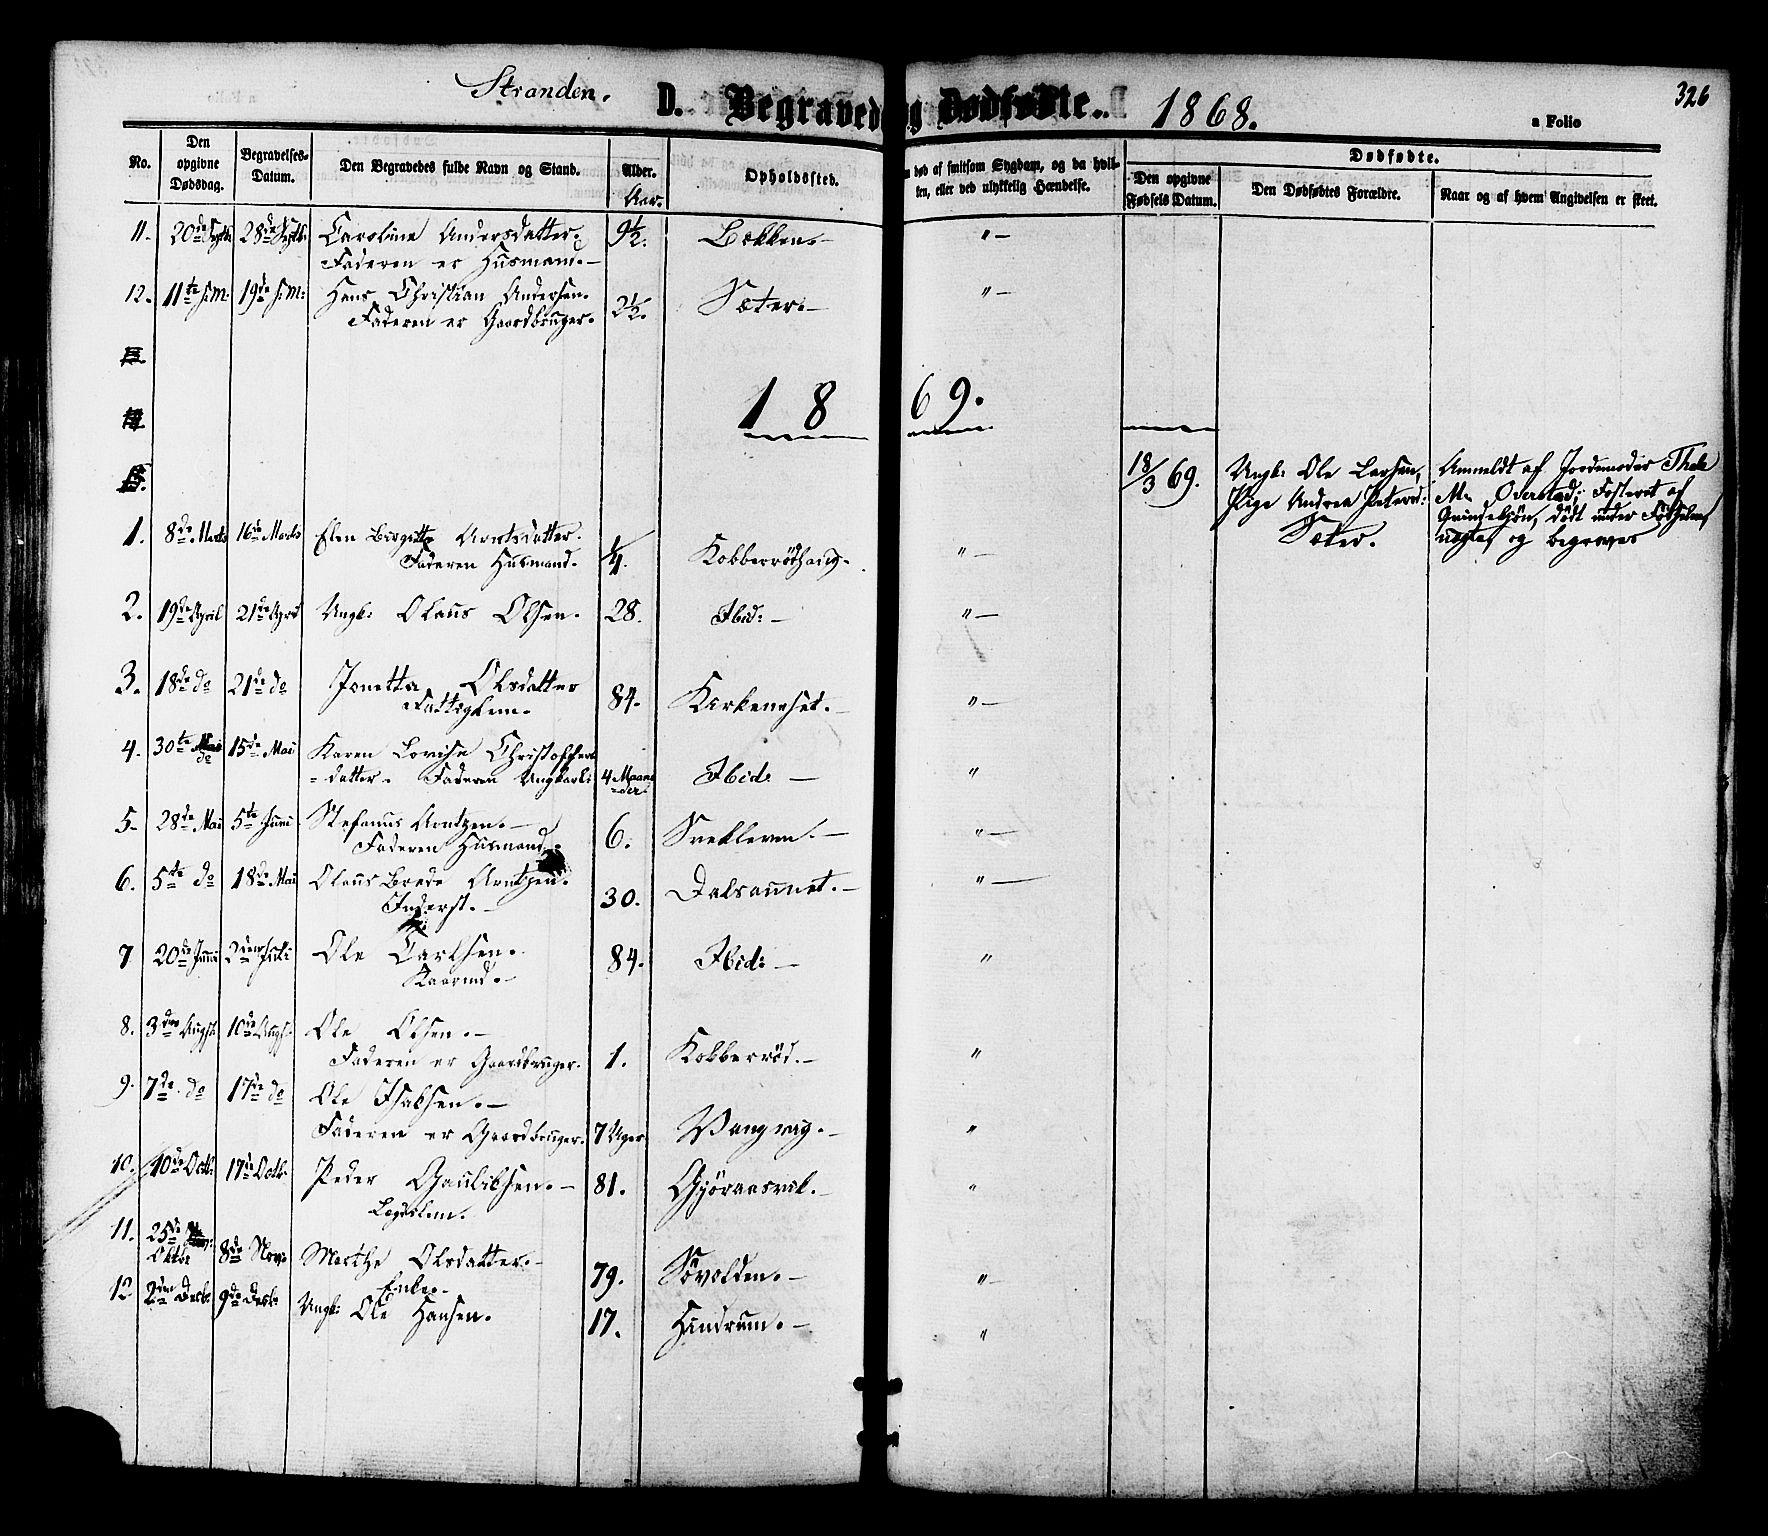 SAT, Ministerialprotokoller, klokkerbøker og fødselsregistre - Nord-Trøndelag, 701/L0009: Ministerialbok nr. 701A09 /2, 1864-1882, s. 326